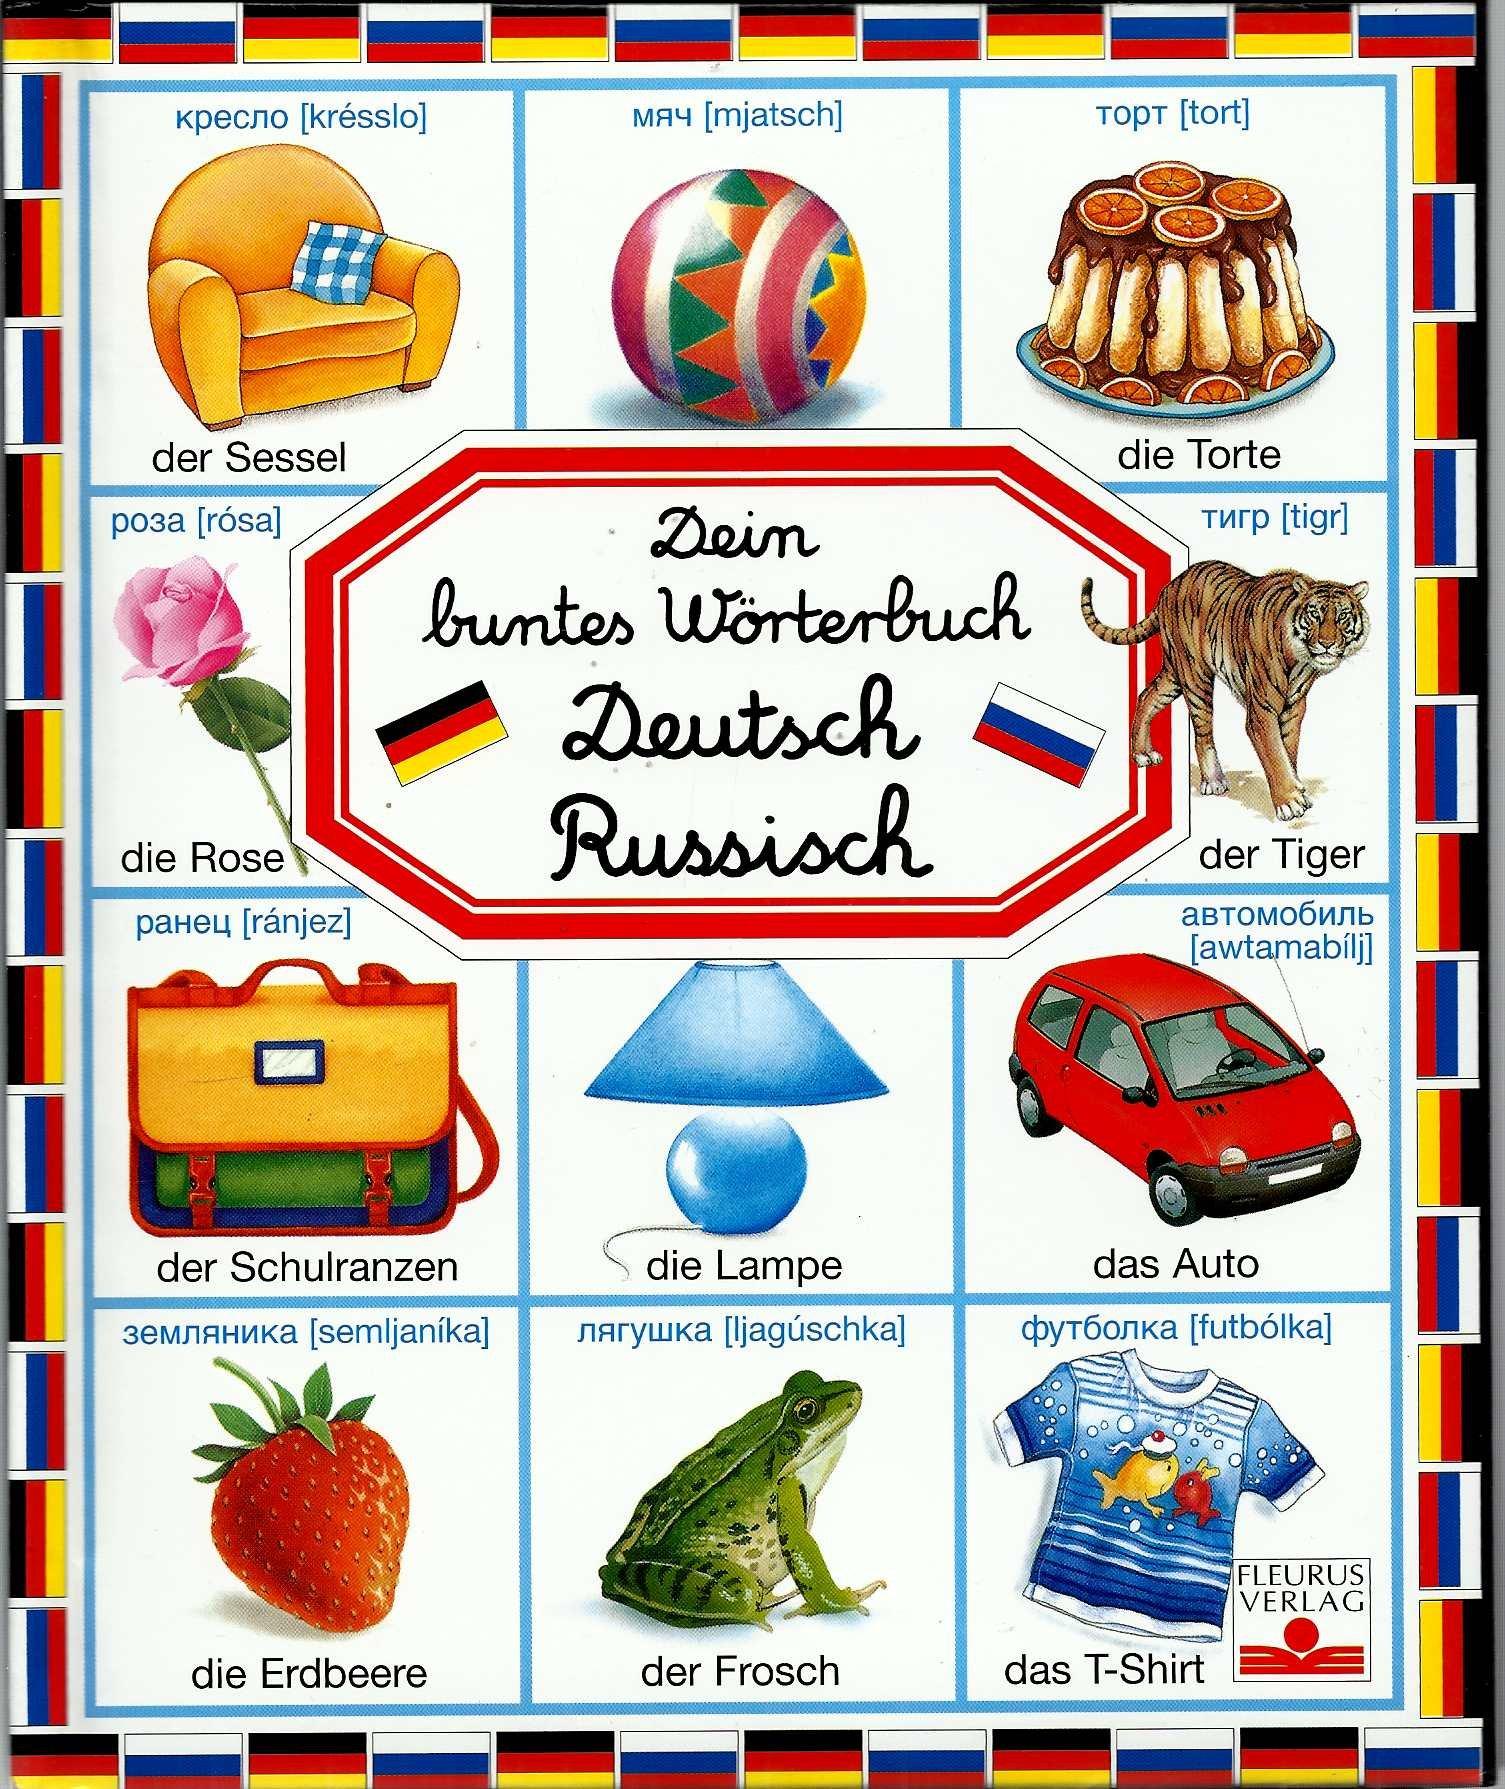 Dein buntes Wörterbuch - Deutsch-Russisch (Imagerie)